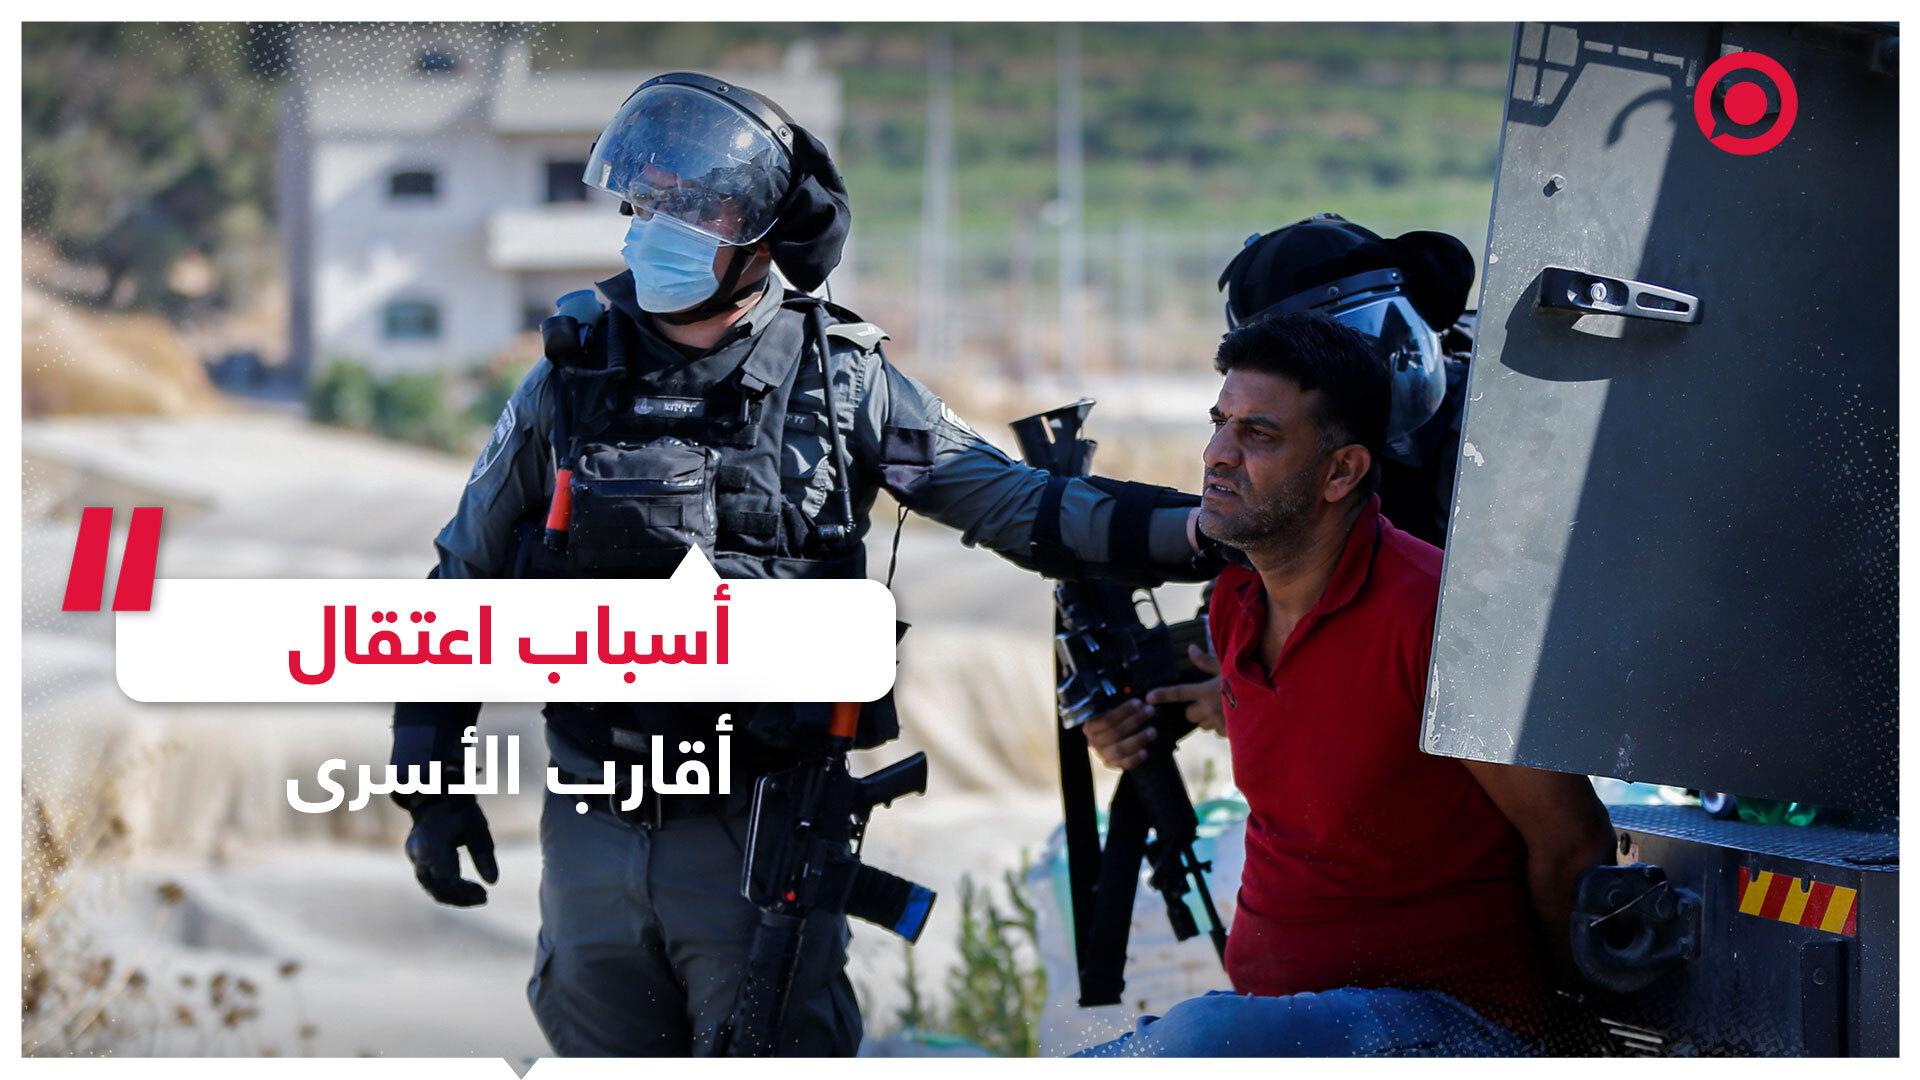 غراب - لماذا تعتقل إسرائيل أقارب الأسرى؟